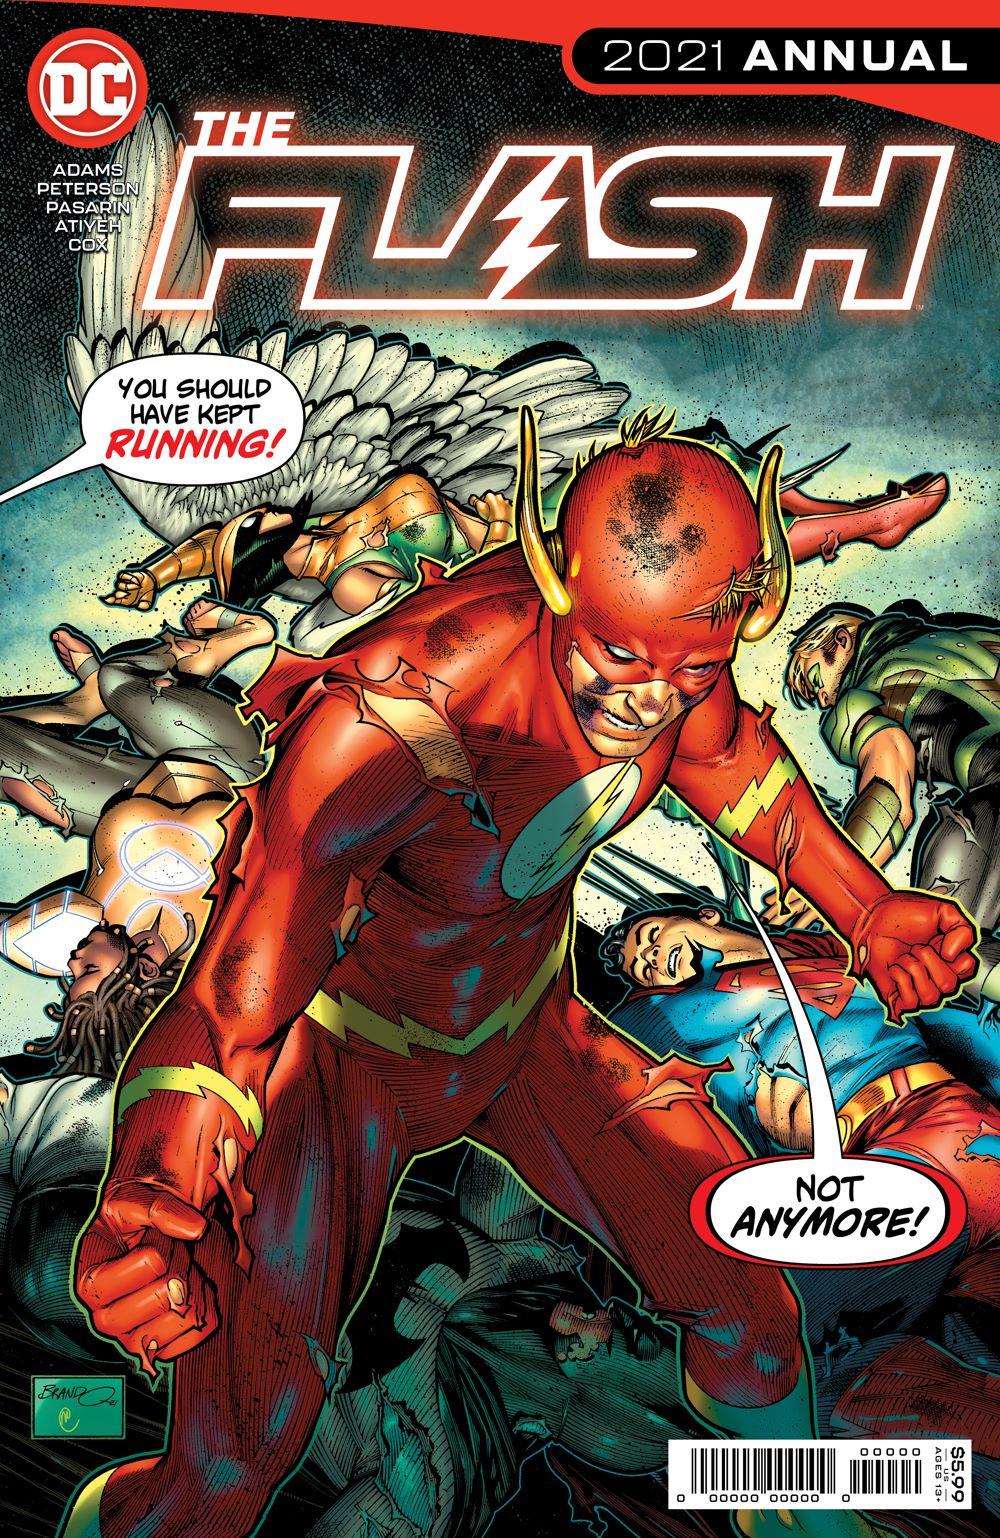 FLSANN2021_Cv1 DC Comics June 2021 Solicitations